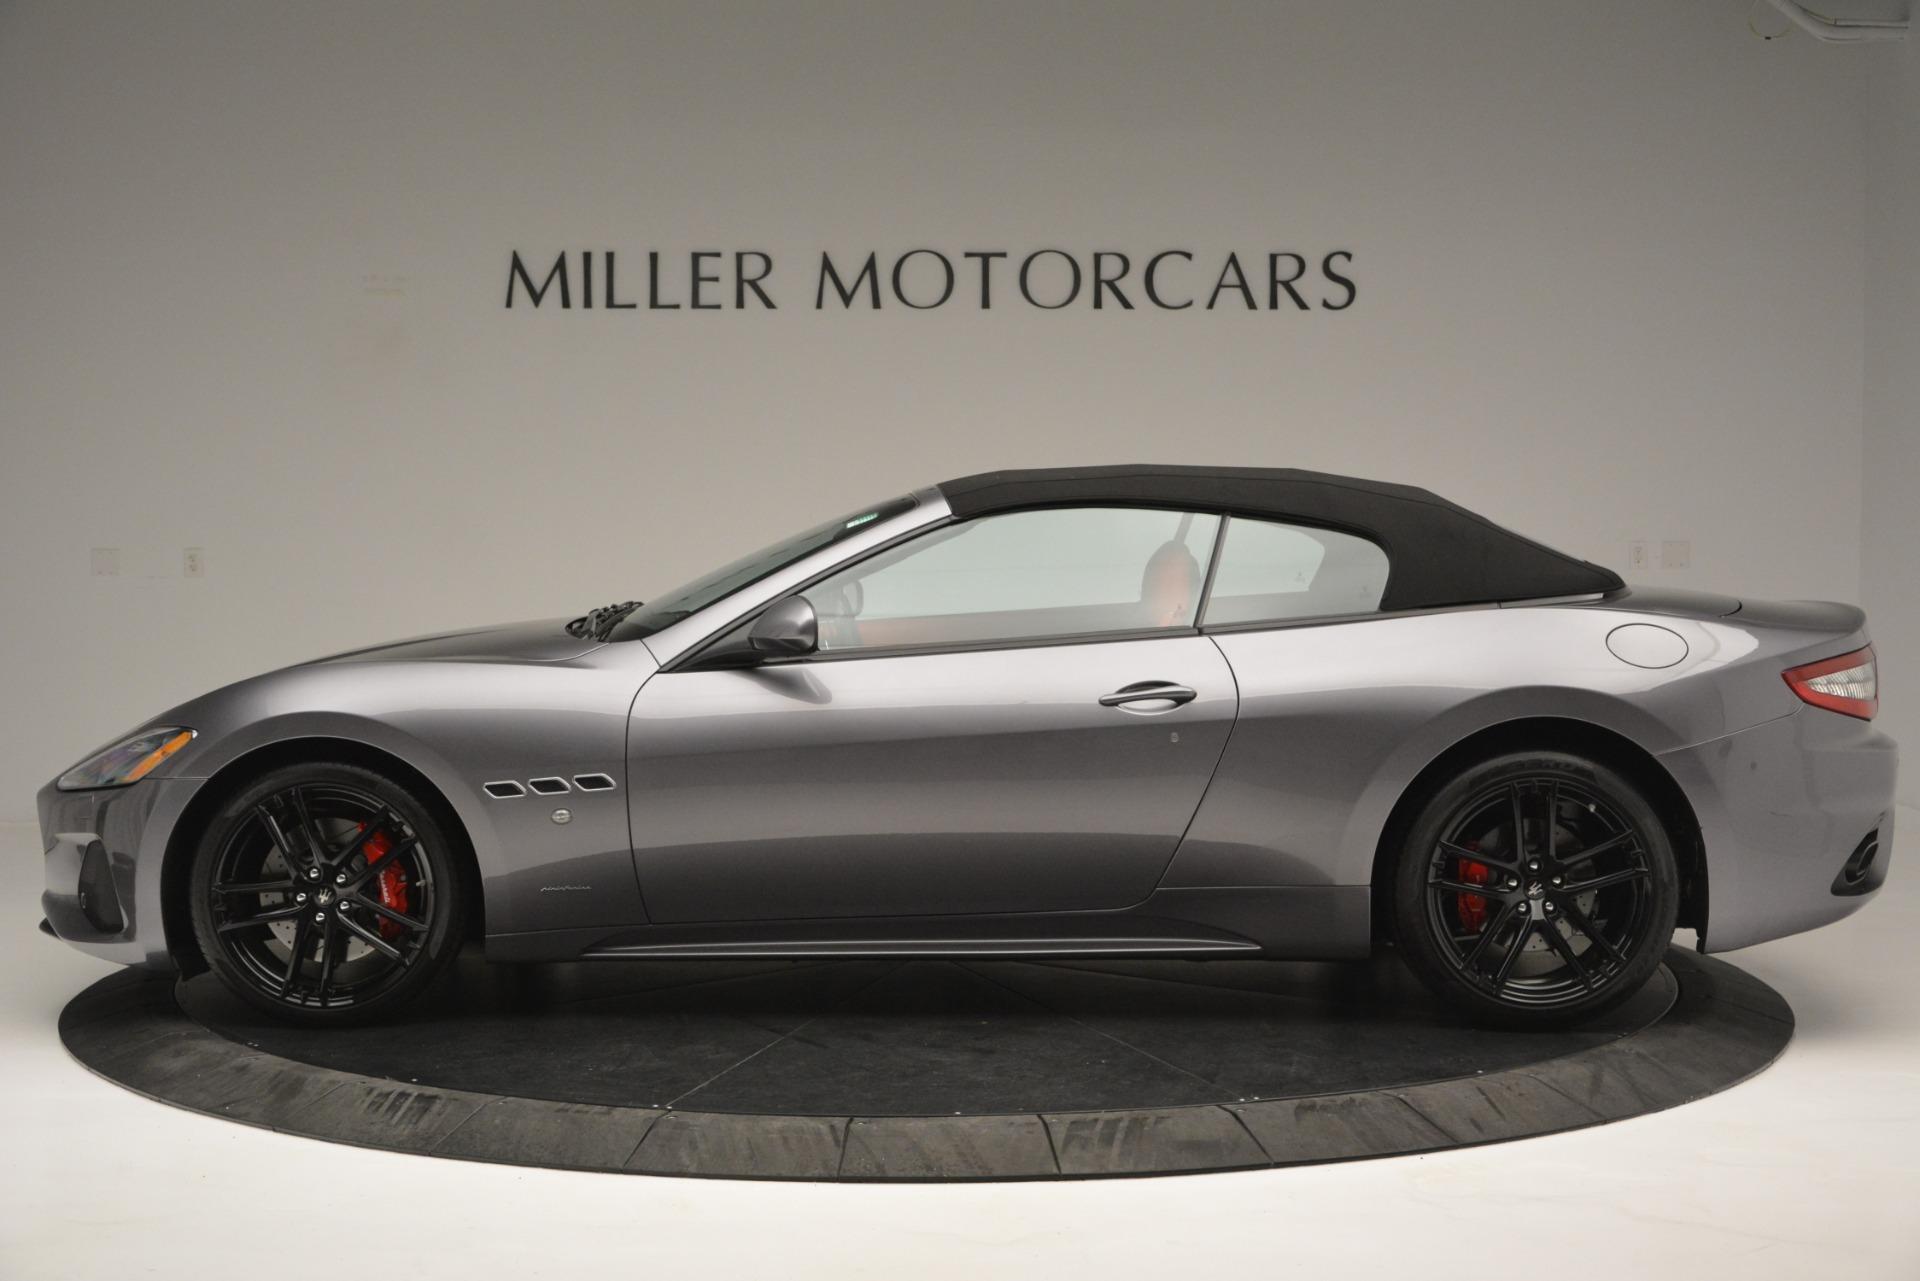 Used 2018 Maserati GranTurismo Sport For Sale In Greenwich, CT 2637_p13